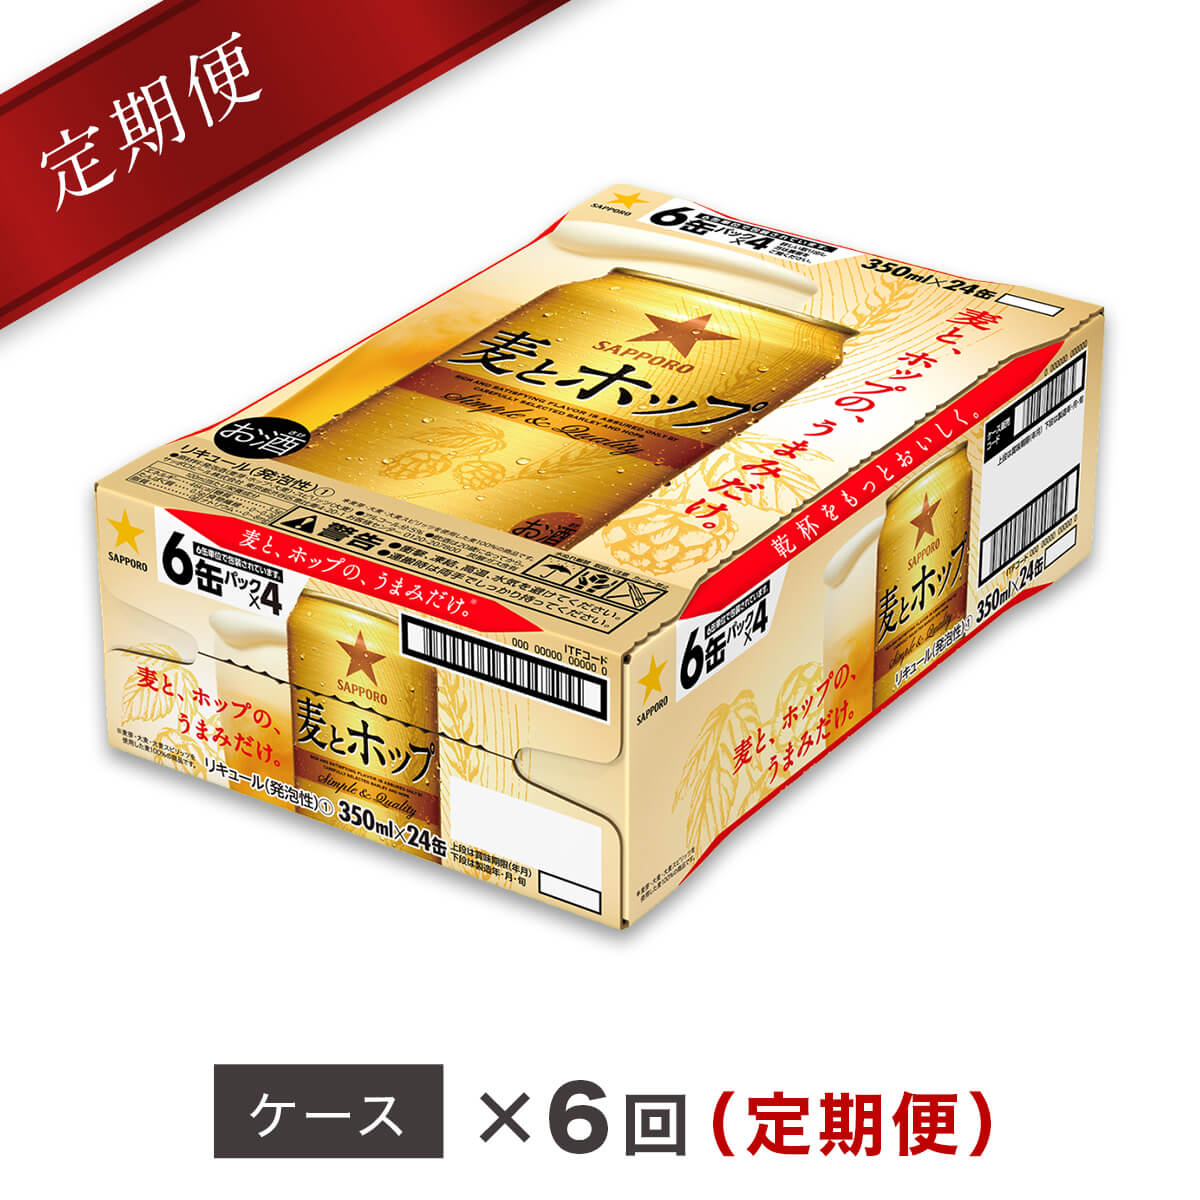 【ふるさと納税】麦とホップ定期便【6ヶ月コース】麦とホップが毎月届く!(350ml×24本) 仙台工場産をお届け